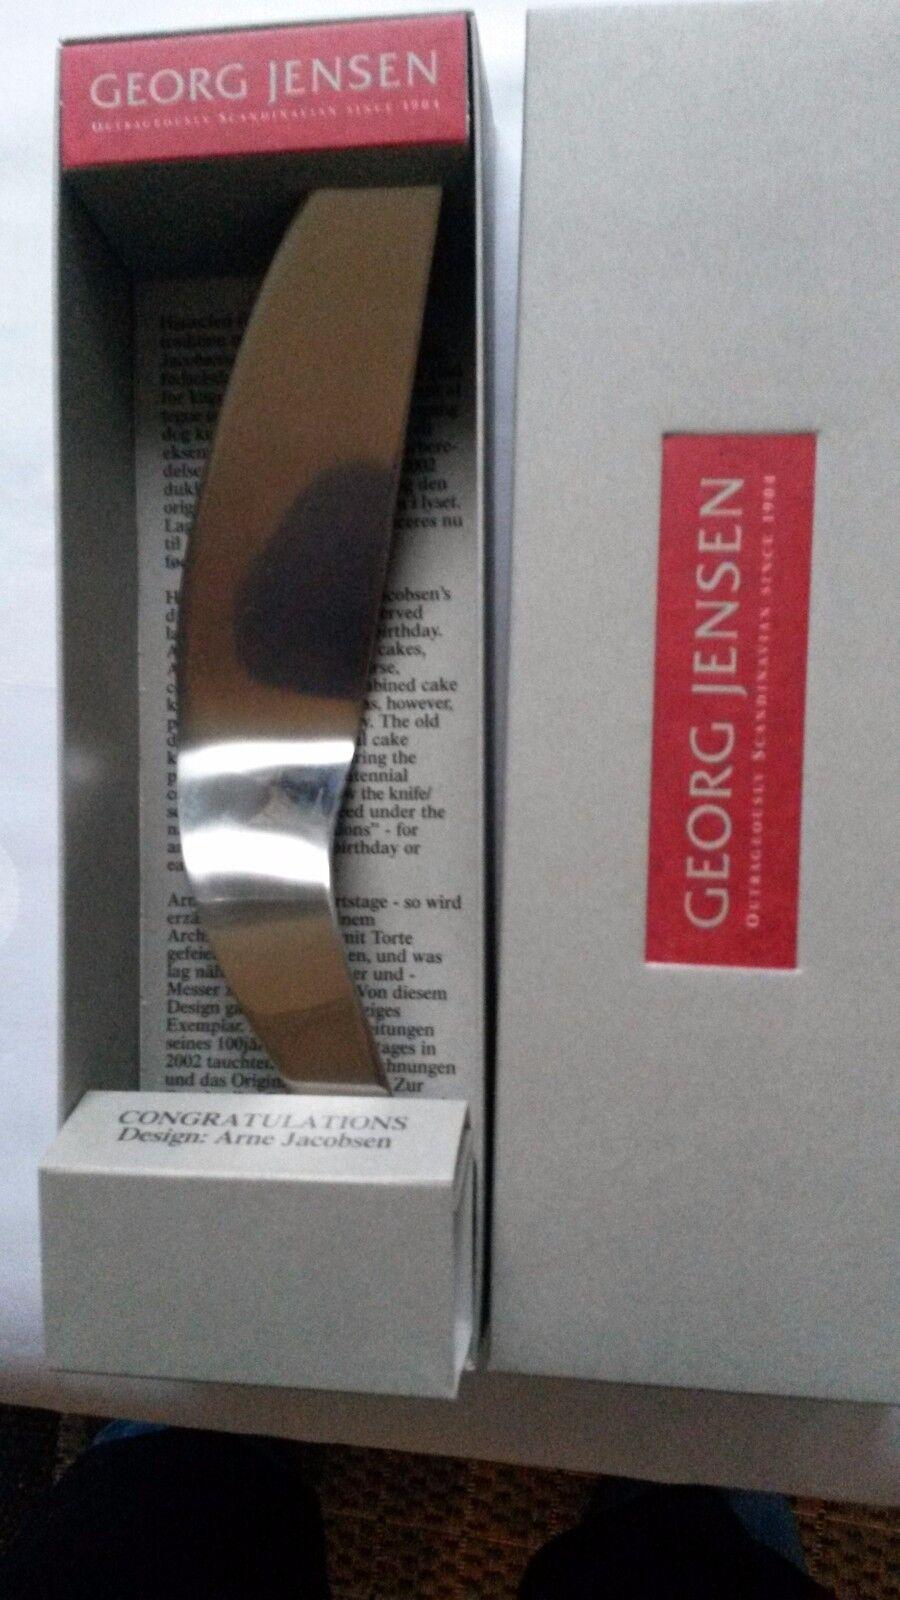 Georg Jensen Tortenheber Design Arne Jacobsen OVP Edelstahl NEU